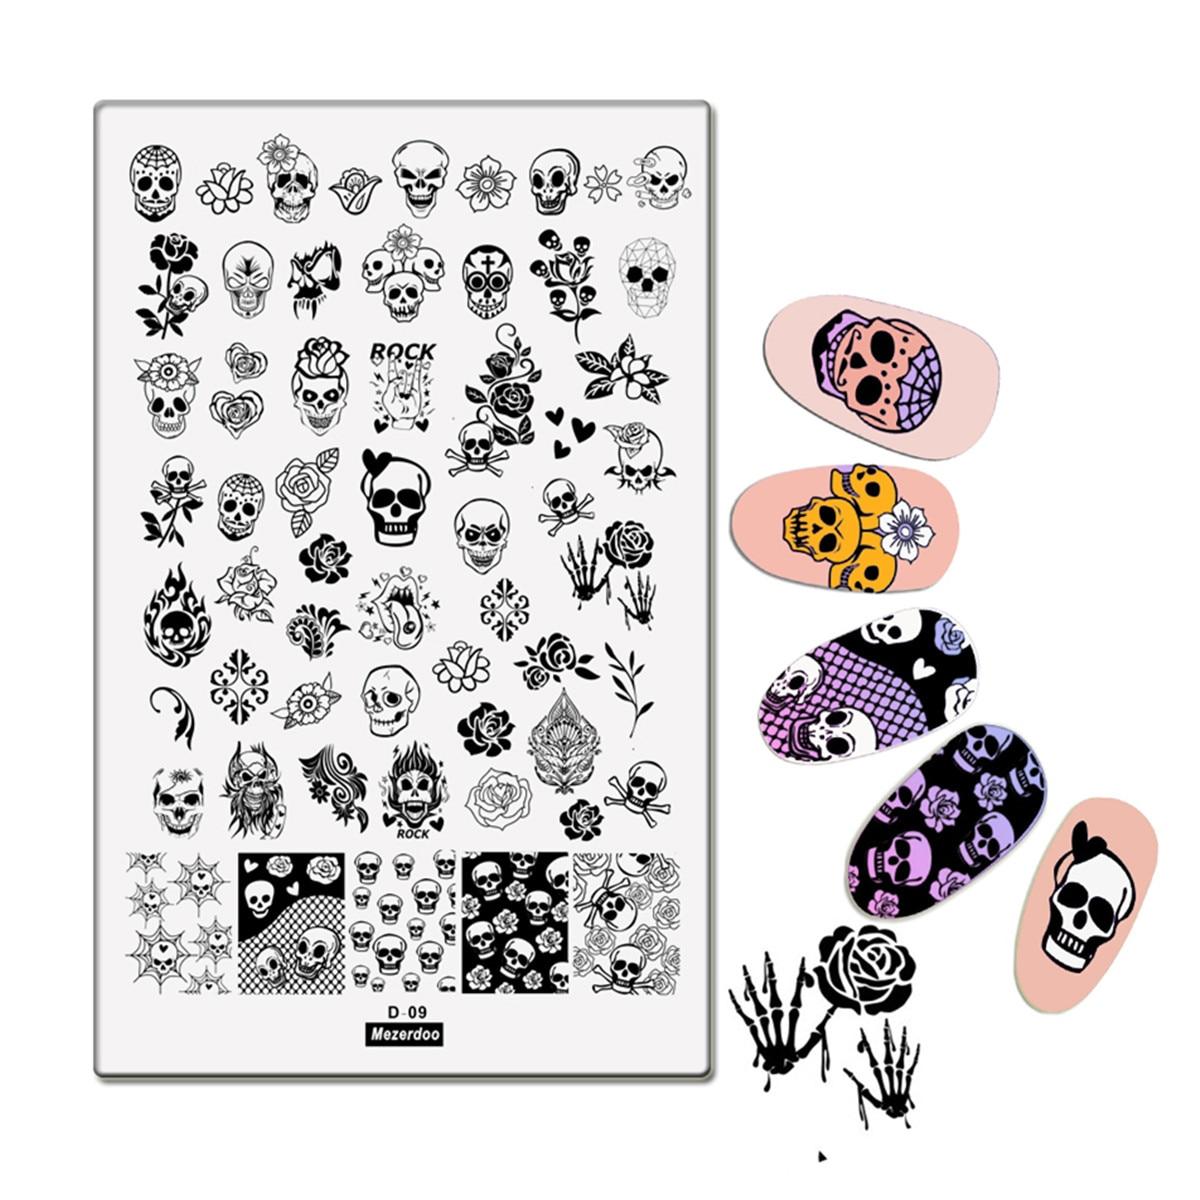 Rectángulo grande Placa de estampado Rock SKull Rose patrón manicura Halloween Nail Art Stamp imagen placa plantilla herramientas 9,5*14,5 CM D09